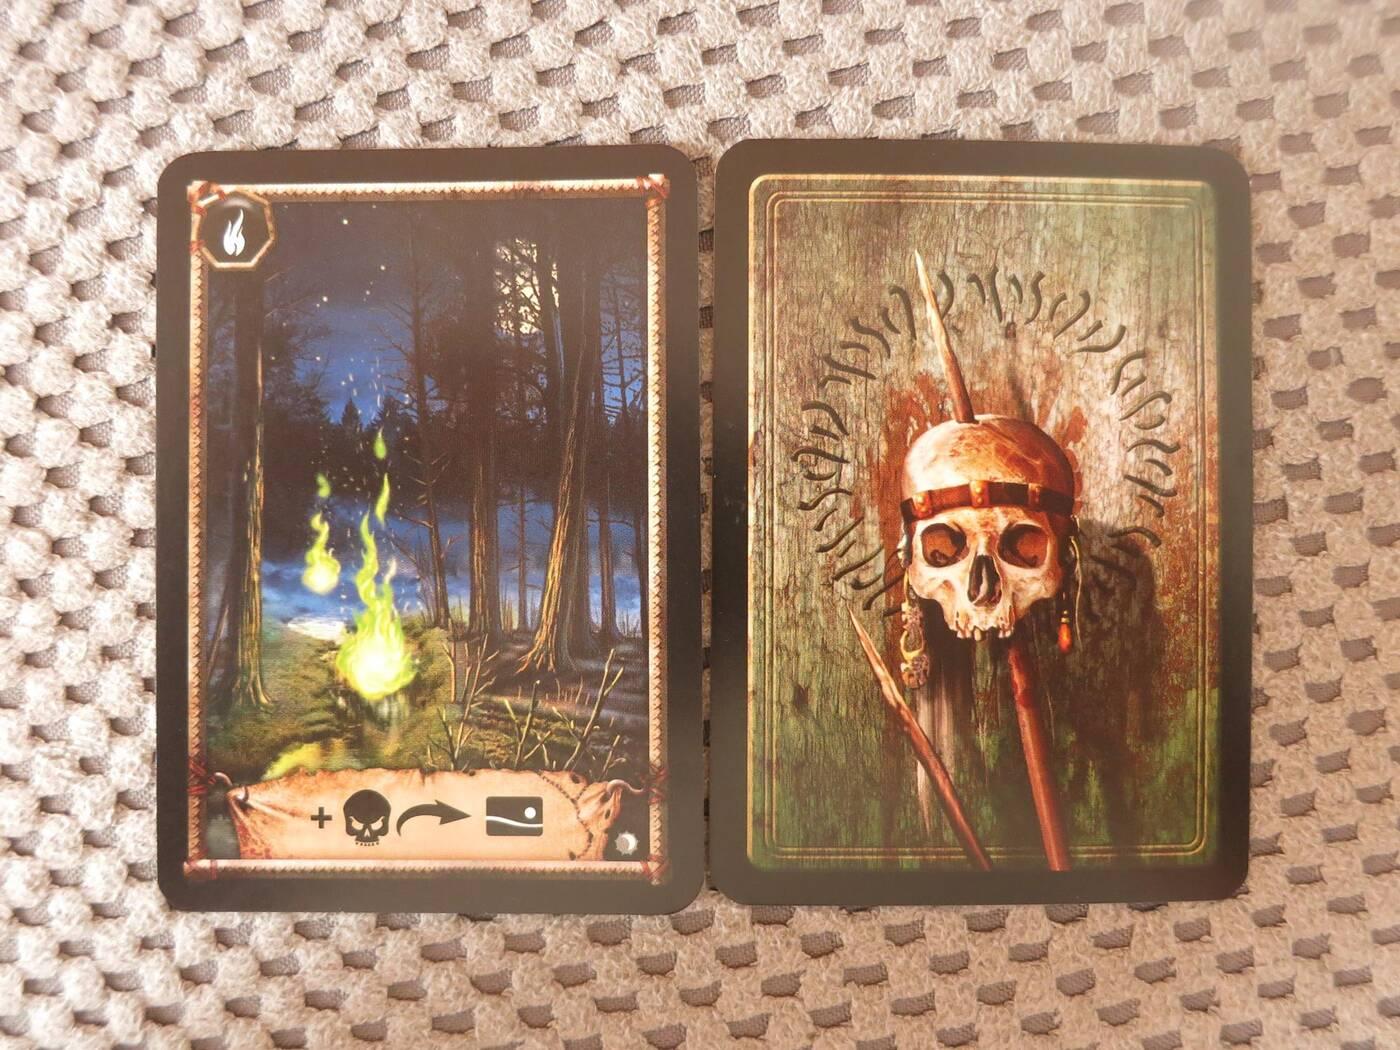 Slavika Równonoc karty potworów